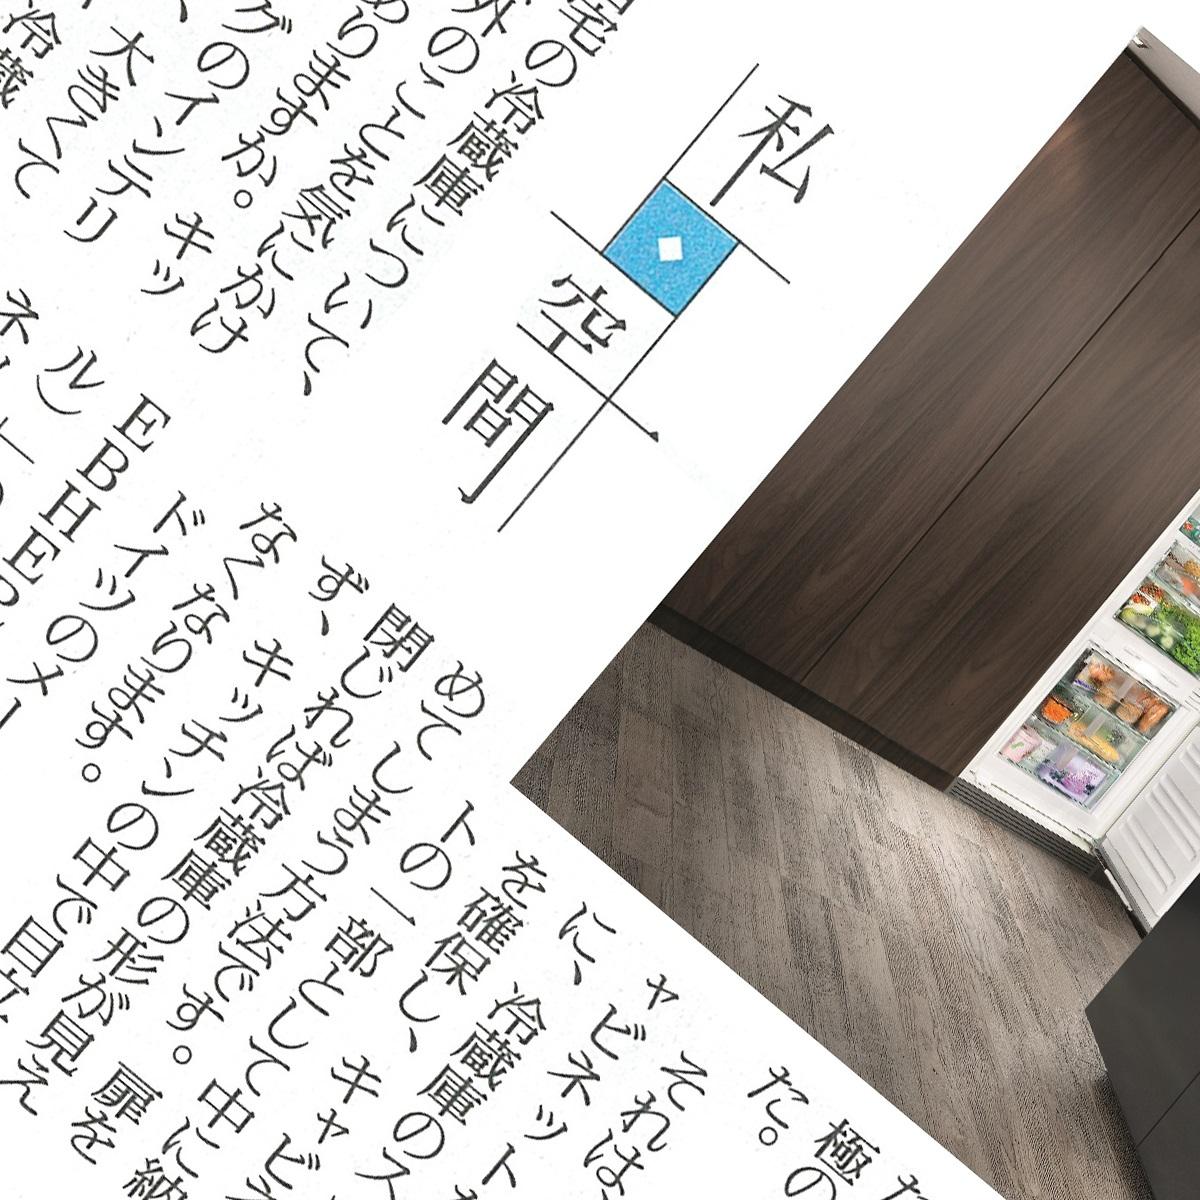 読売新聞夕刊(2019年12月4日号)「私・空間」コラム